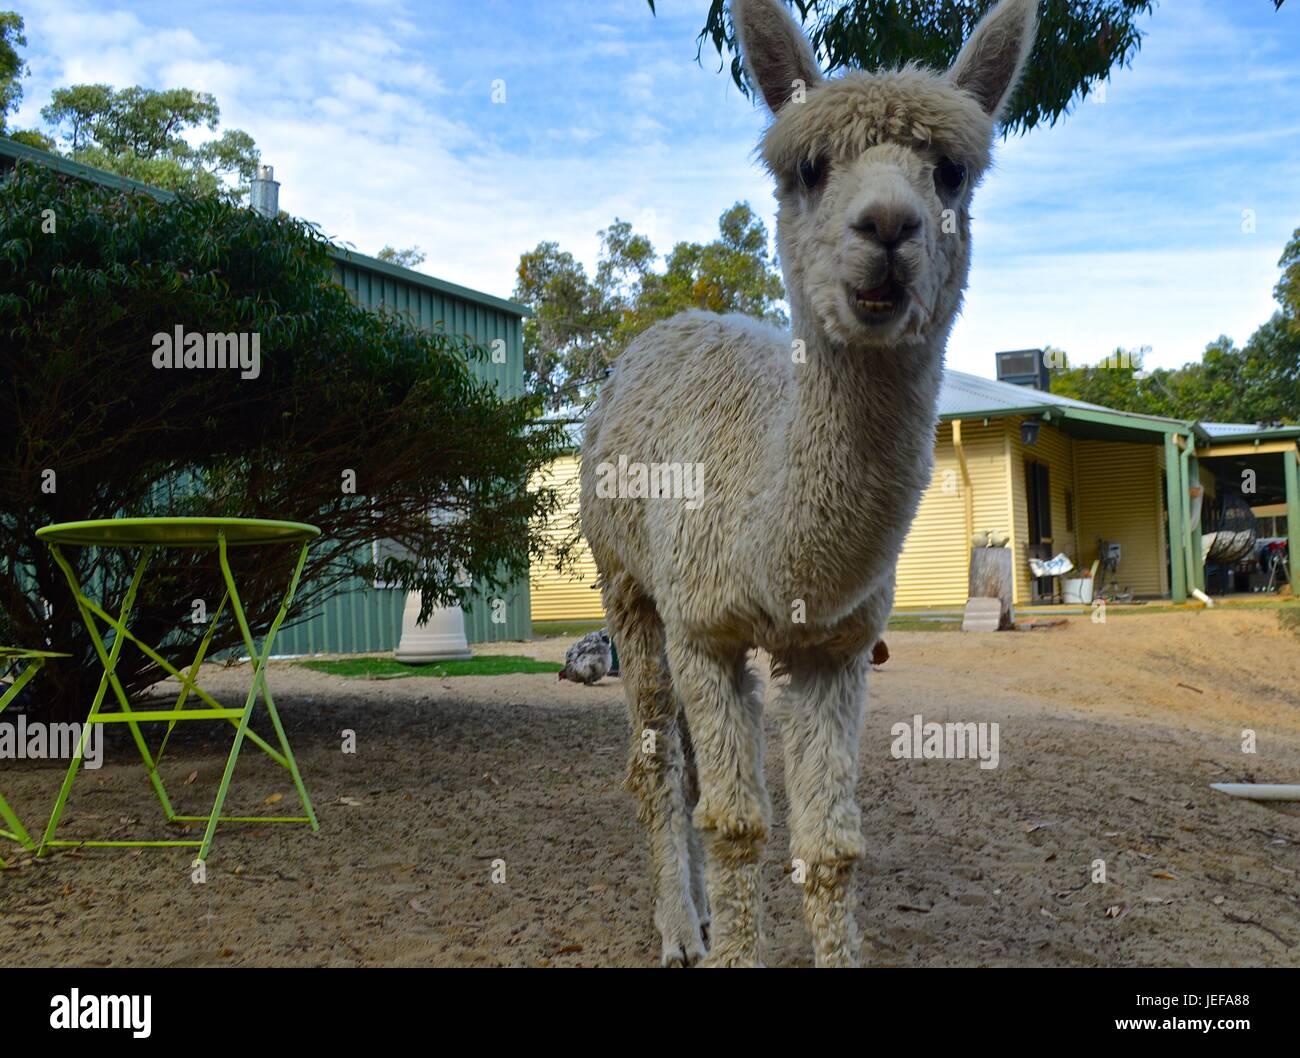 White suri alpaca - Stock Image